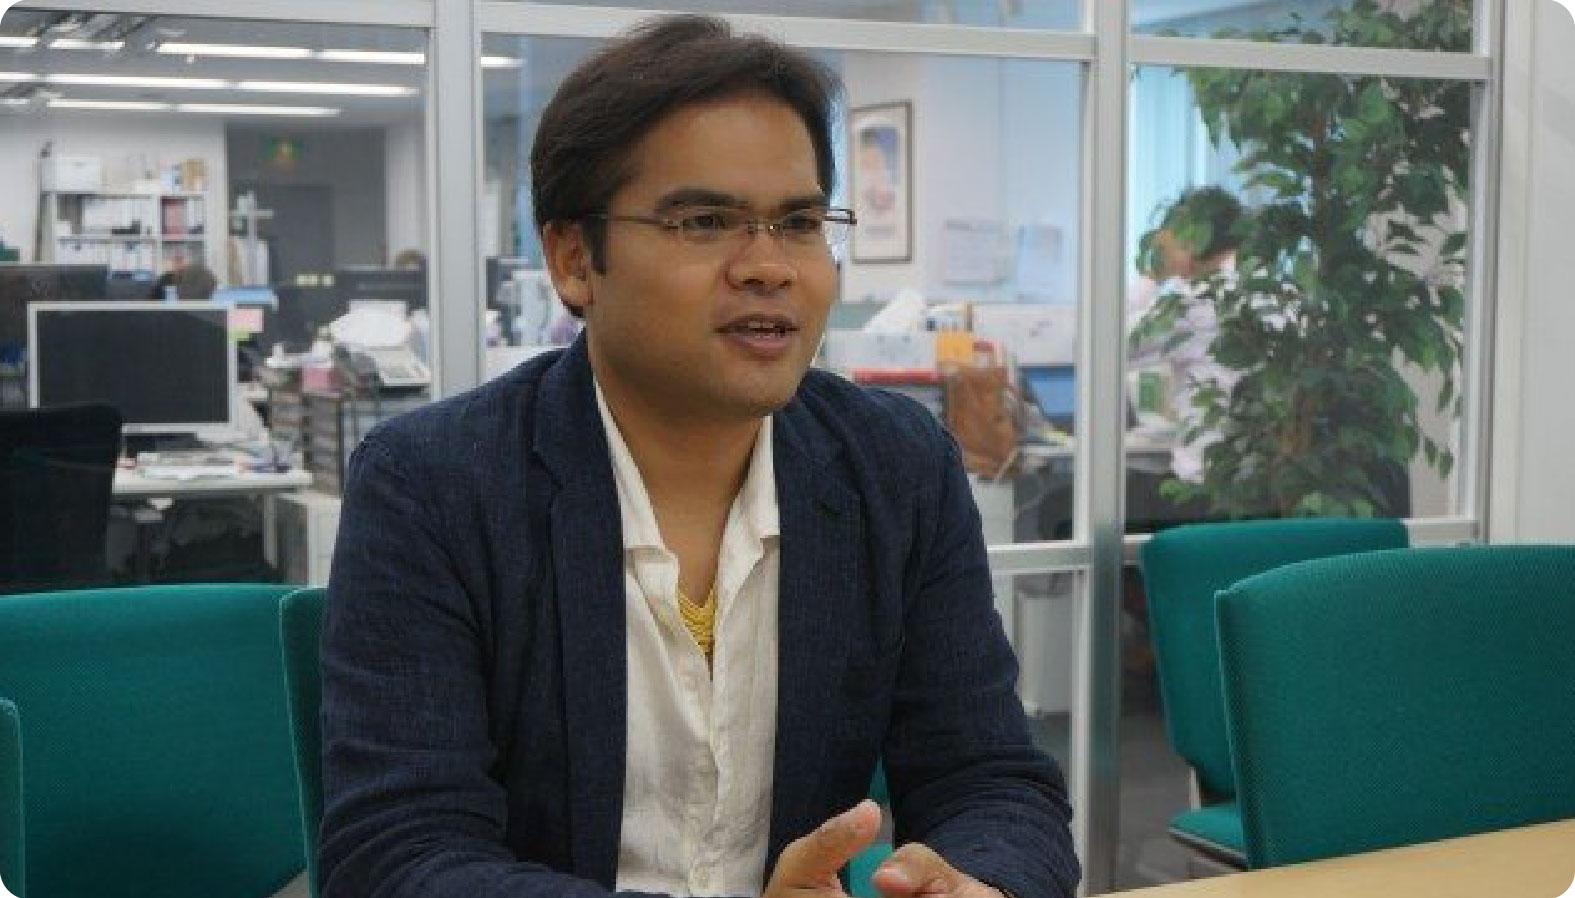 株式会社インフォキュービック・ジャパン (Infocubic Japan)代表取締役/山岸様の写真